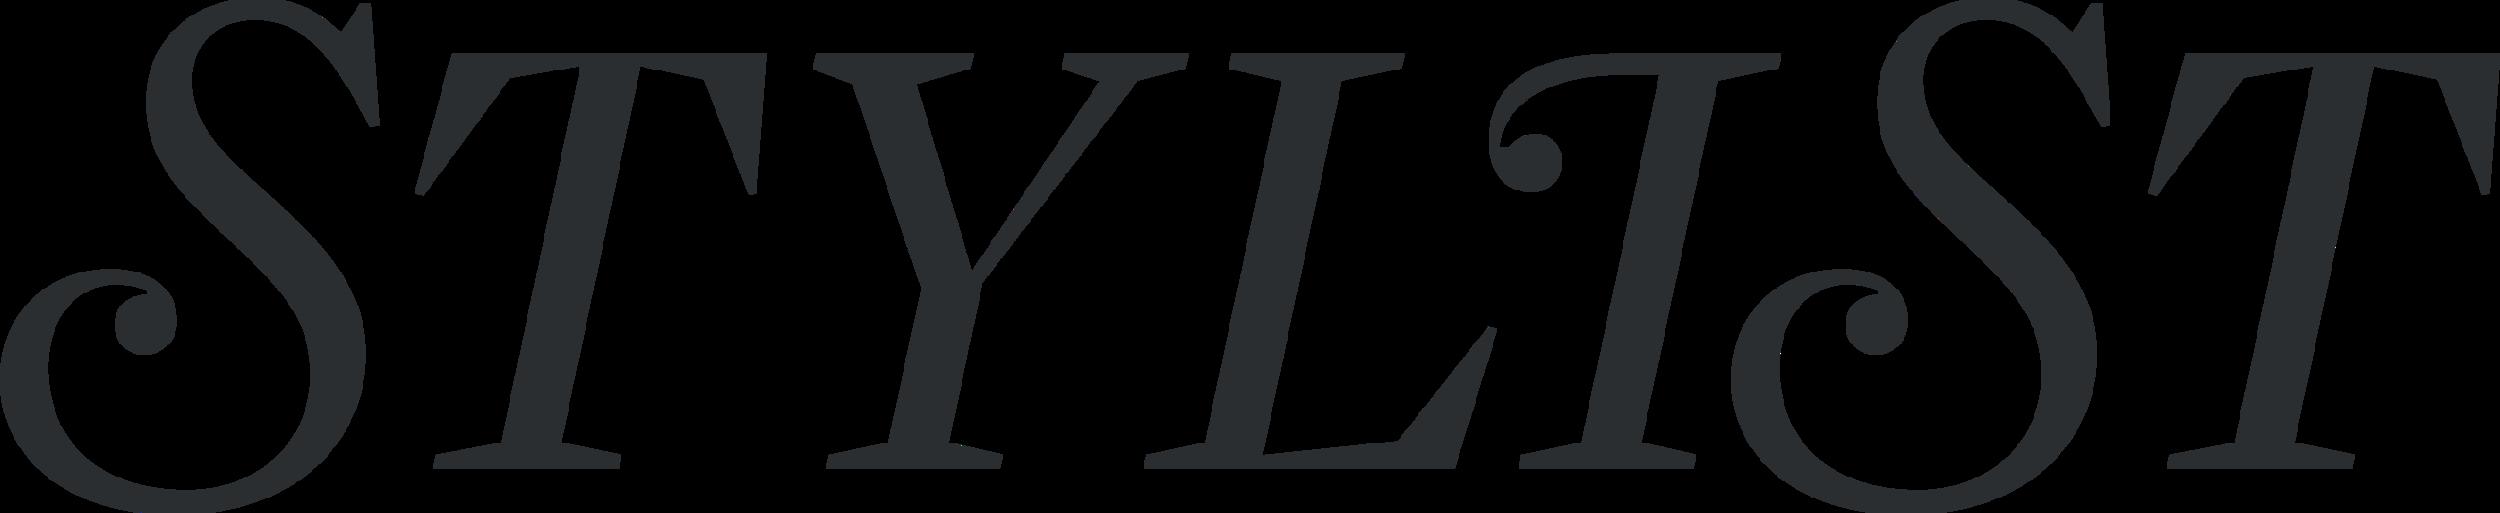 The Style List: Editor's Choice